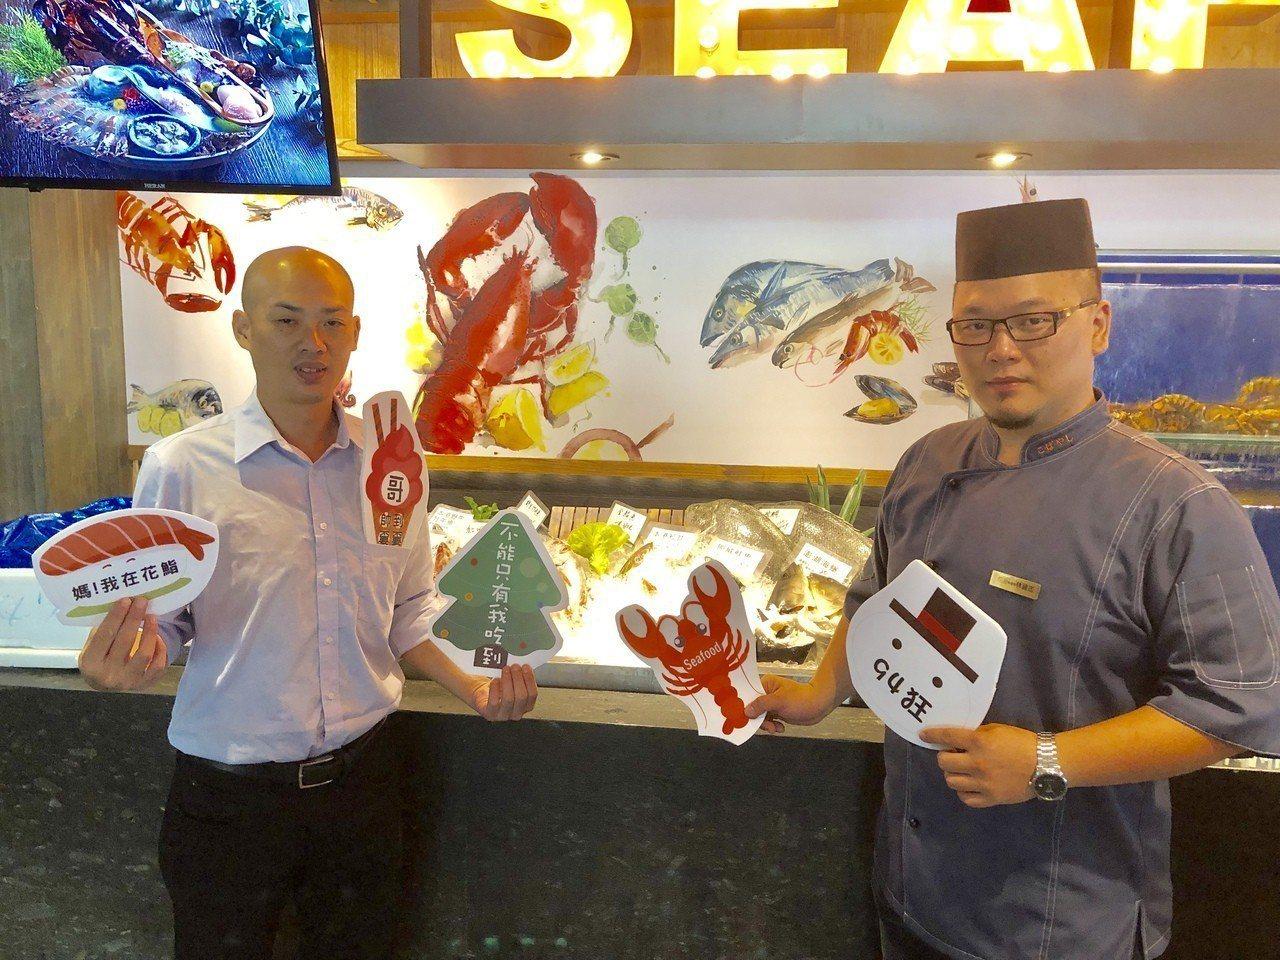 花鮨餐廳開幕優惠大放送,消費滿額再送和牛、龍蝦。